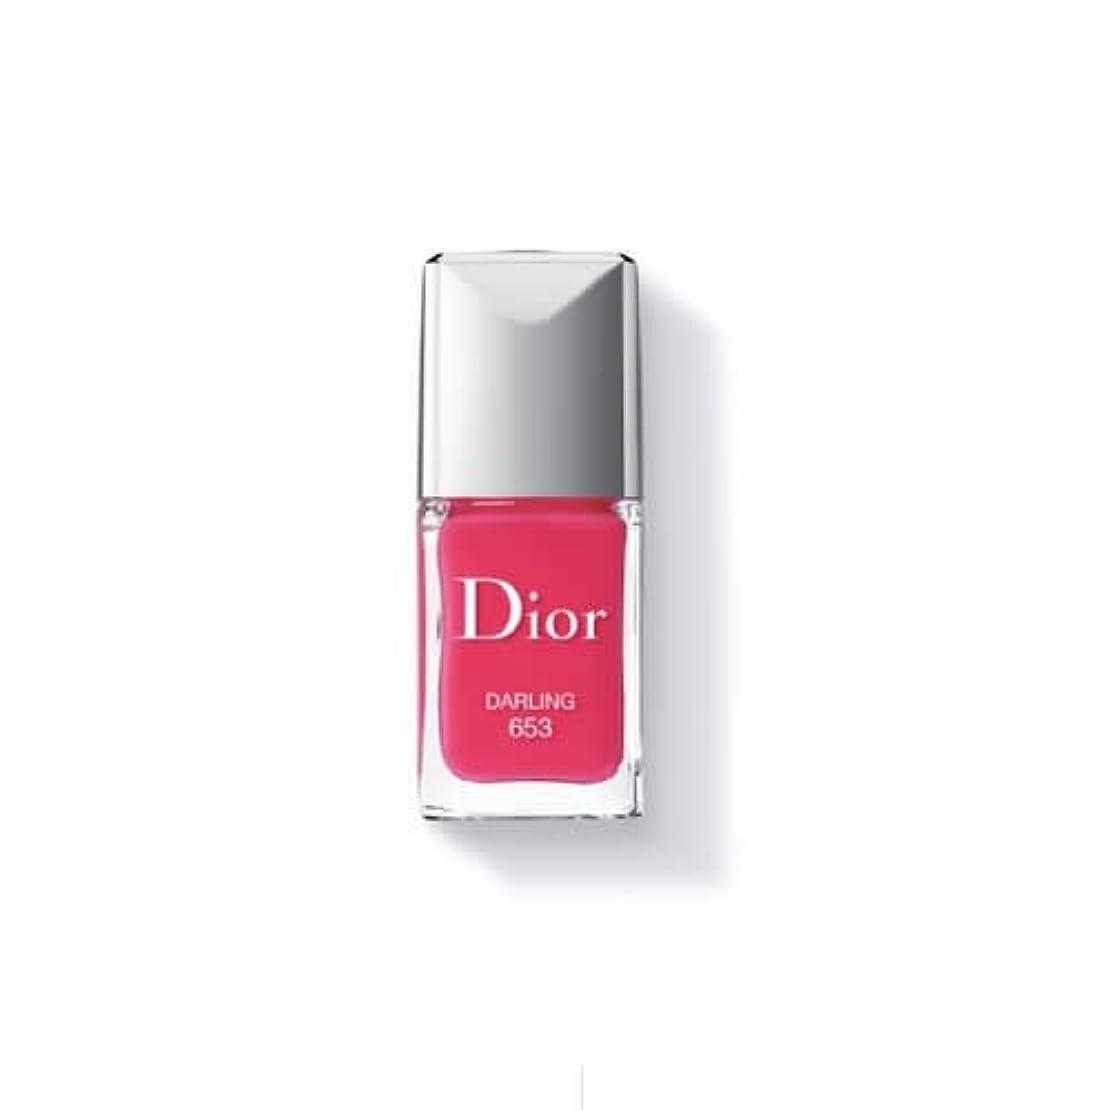 手術溶岩唯物論ディオール ヴェルニ #653 ダーリン 10ml クリスチャン ディオール Christian Dior 訳あり